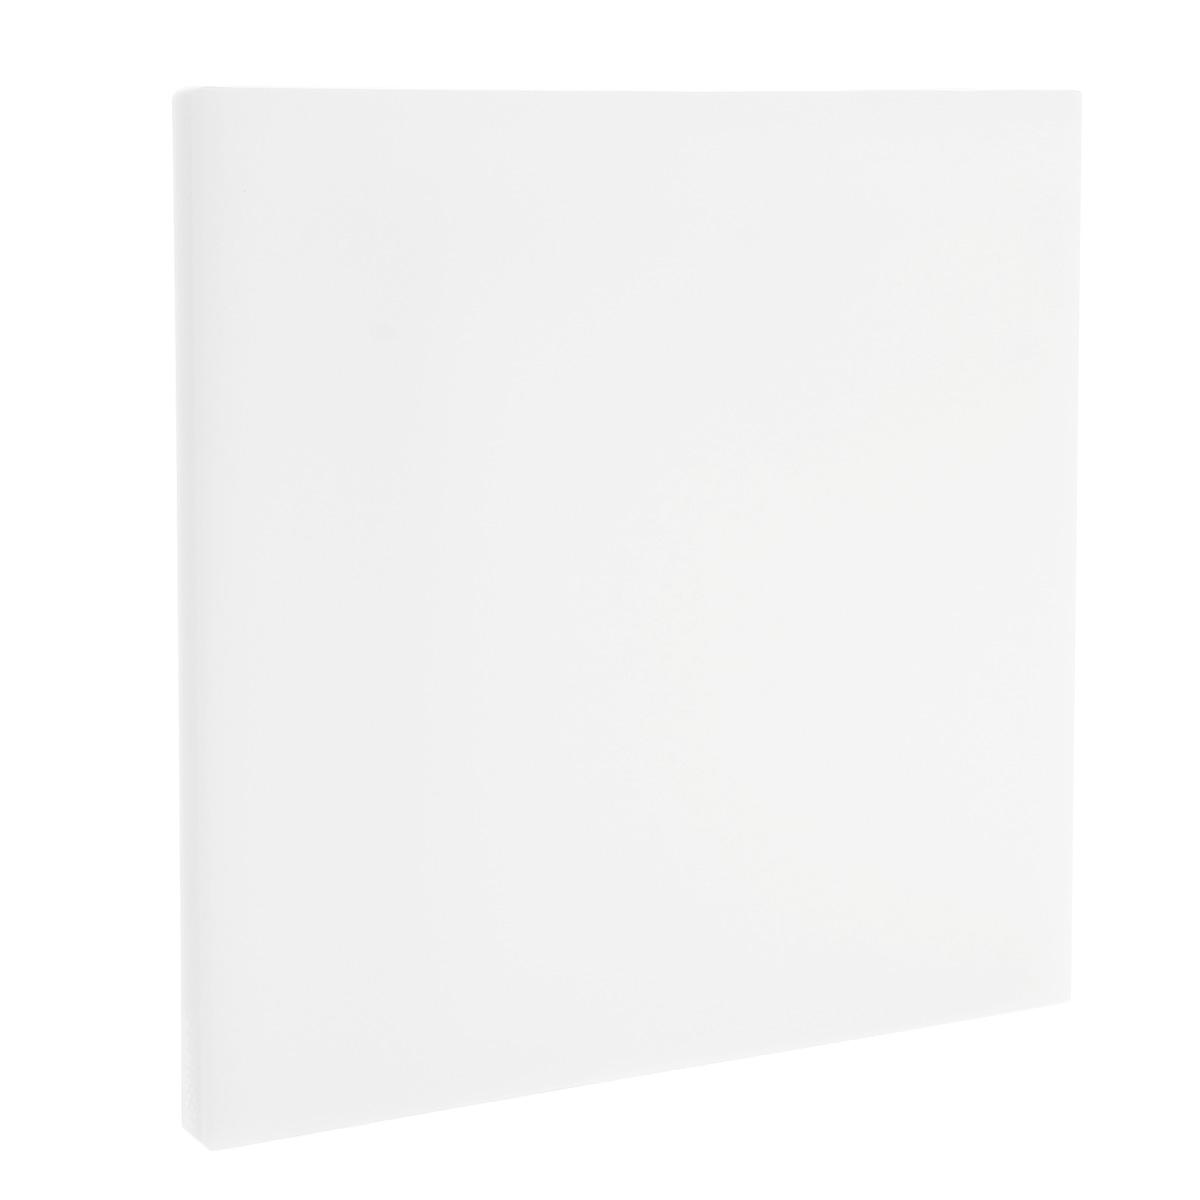 Доска разделочная Zanussi, цвет: белый, 35 см х 35 смCM000001328Разделочная доска Zanussi изготовлена из высококачественного пластика высокой плотности, что обеспечивает превосходную стойкость к химическим веществам, износу и влаге. Текстурированная поверхность удерживает пищу на месте, не давая ей скользить. Простота в использовании, надежность, безопасность и незначительная потребность в уходе. Ножи не теряют остроты при резке на разделочной доске. Обе поверхности доски рабочие. Это сокращает риск перекрестного бактериального загрязнения при приготовлении пищи. Простота чистки и пригодность для мойки в посудомоечной машине. Не ставьте на доску тяжелые или горячие предметы.